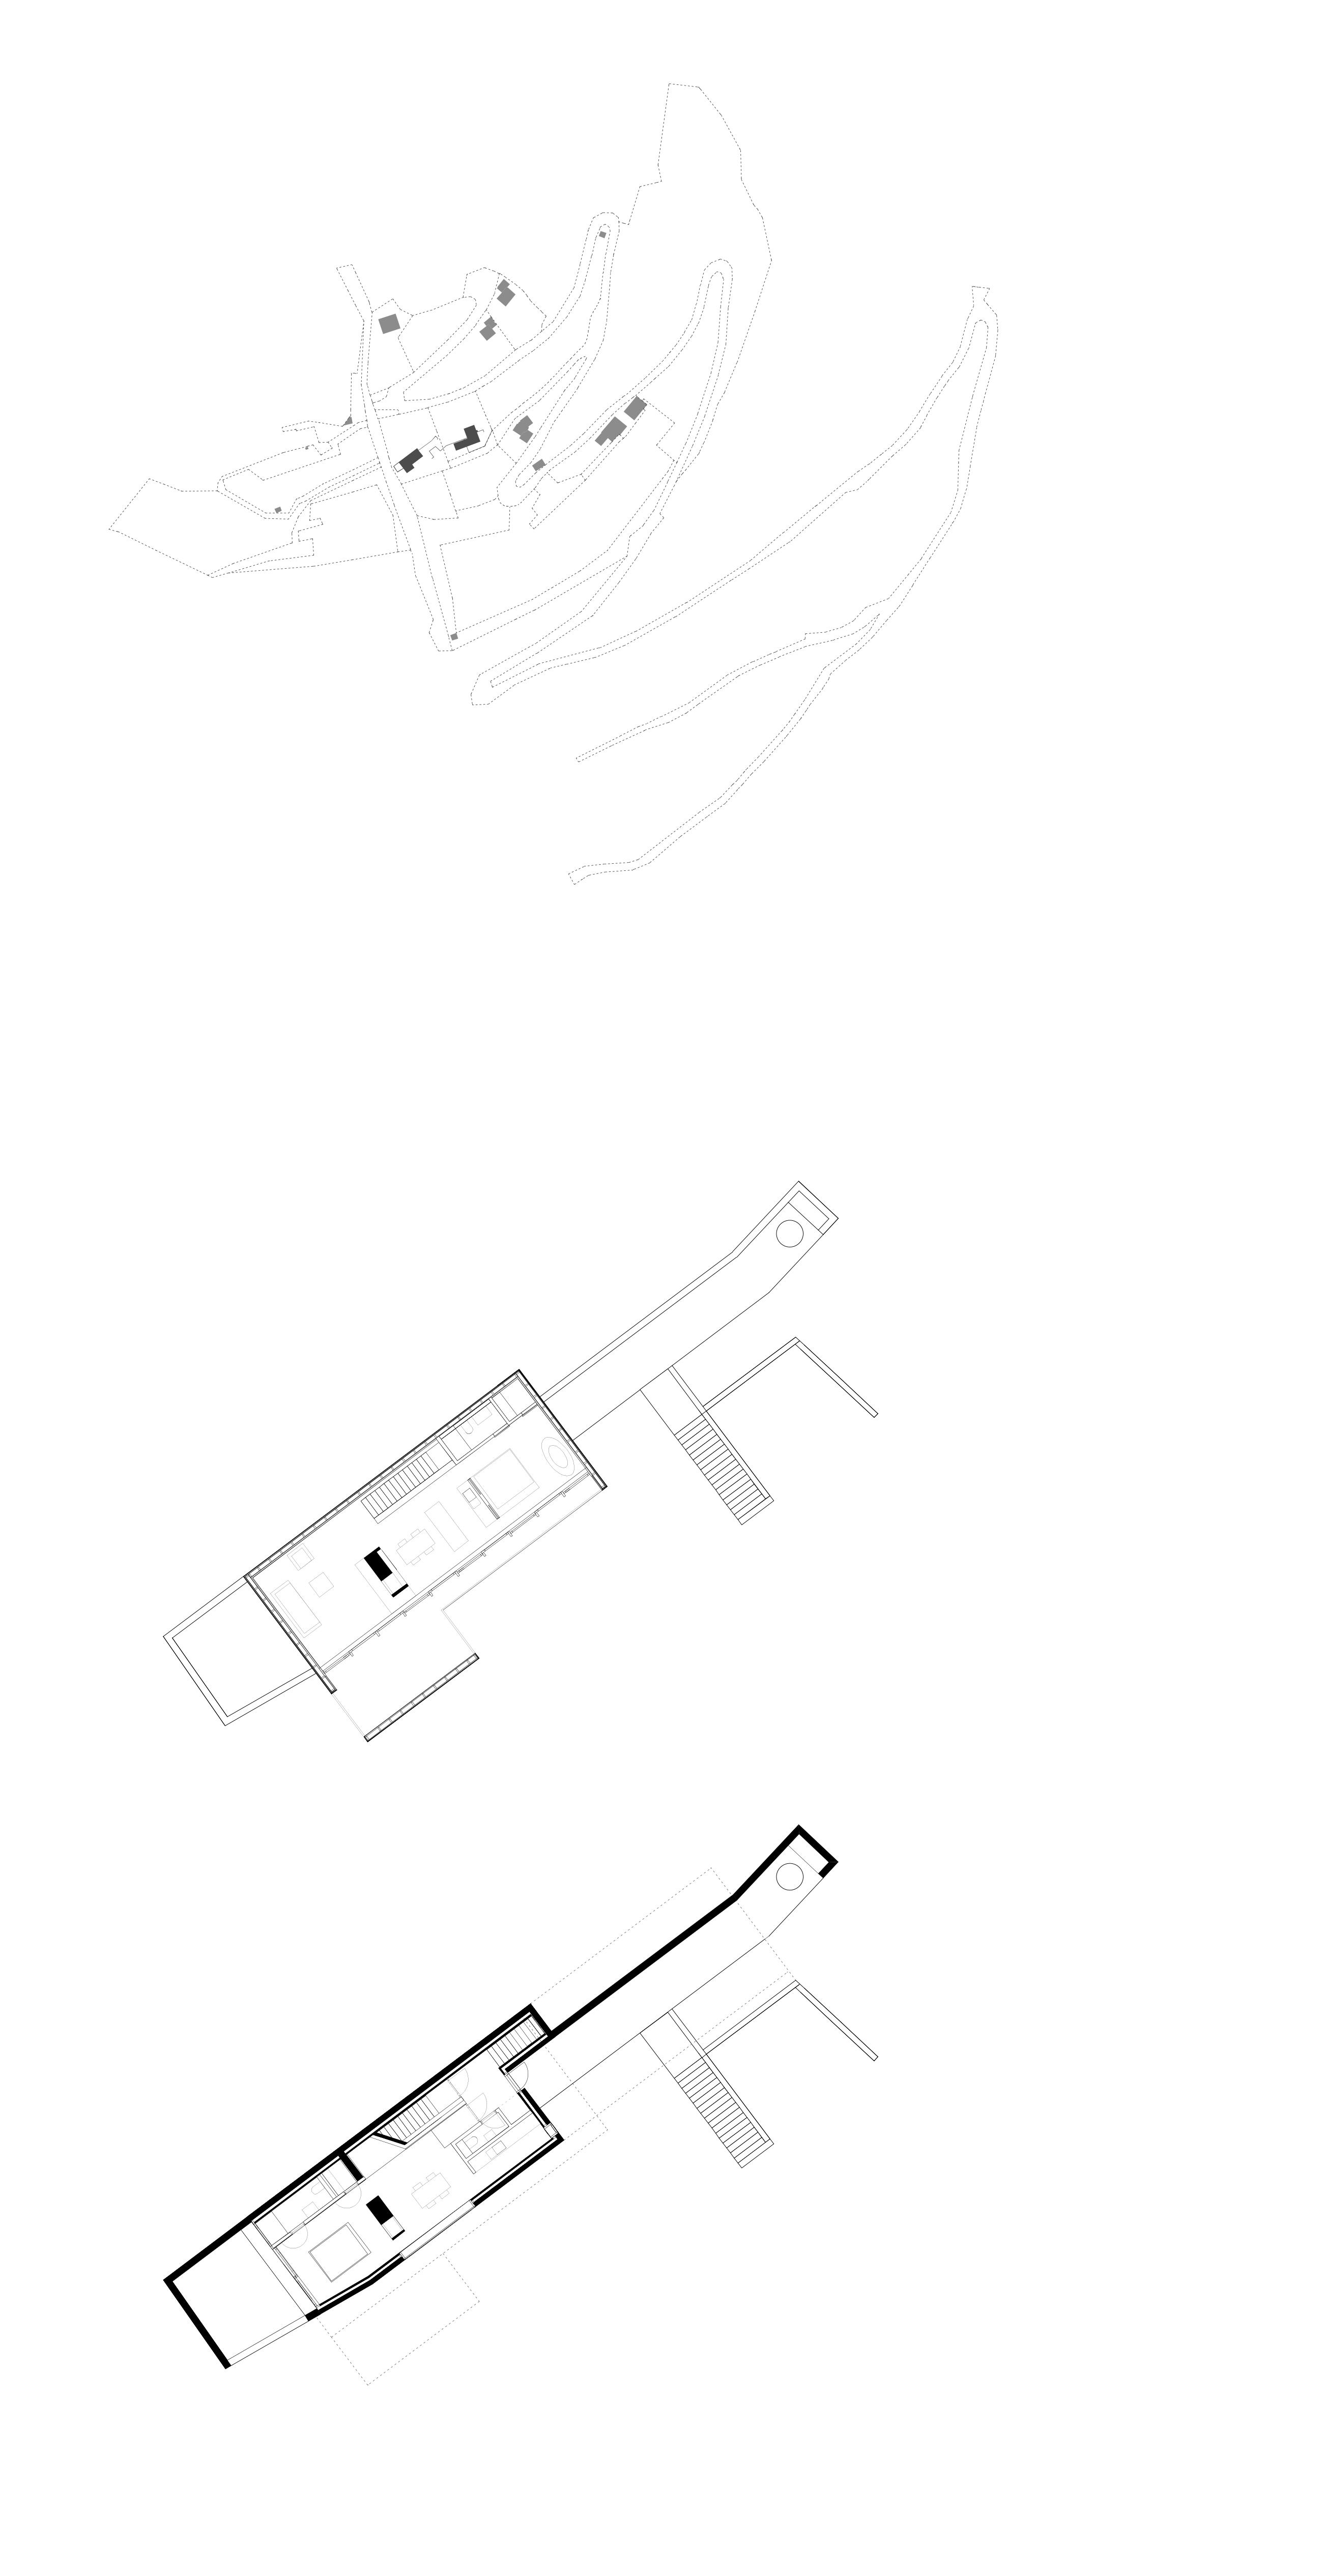 Aufberg 1113, Piesendorf